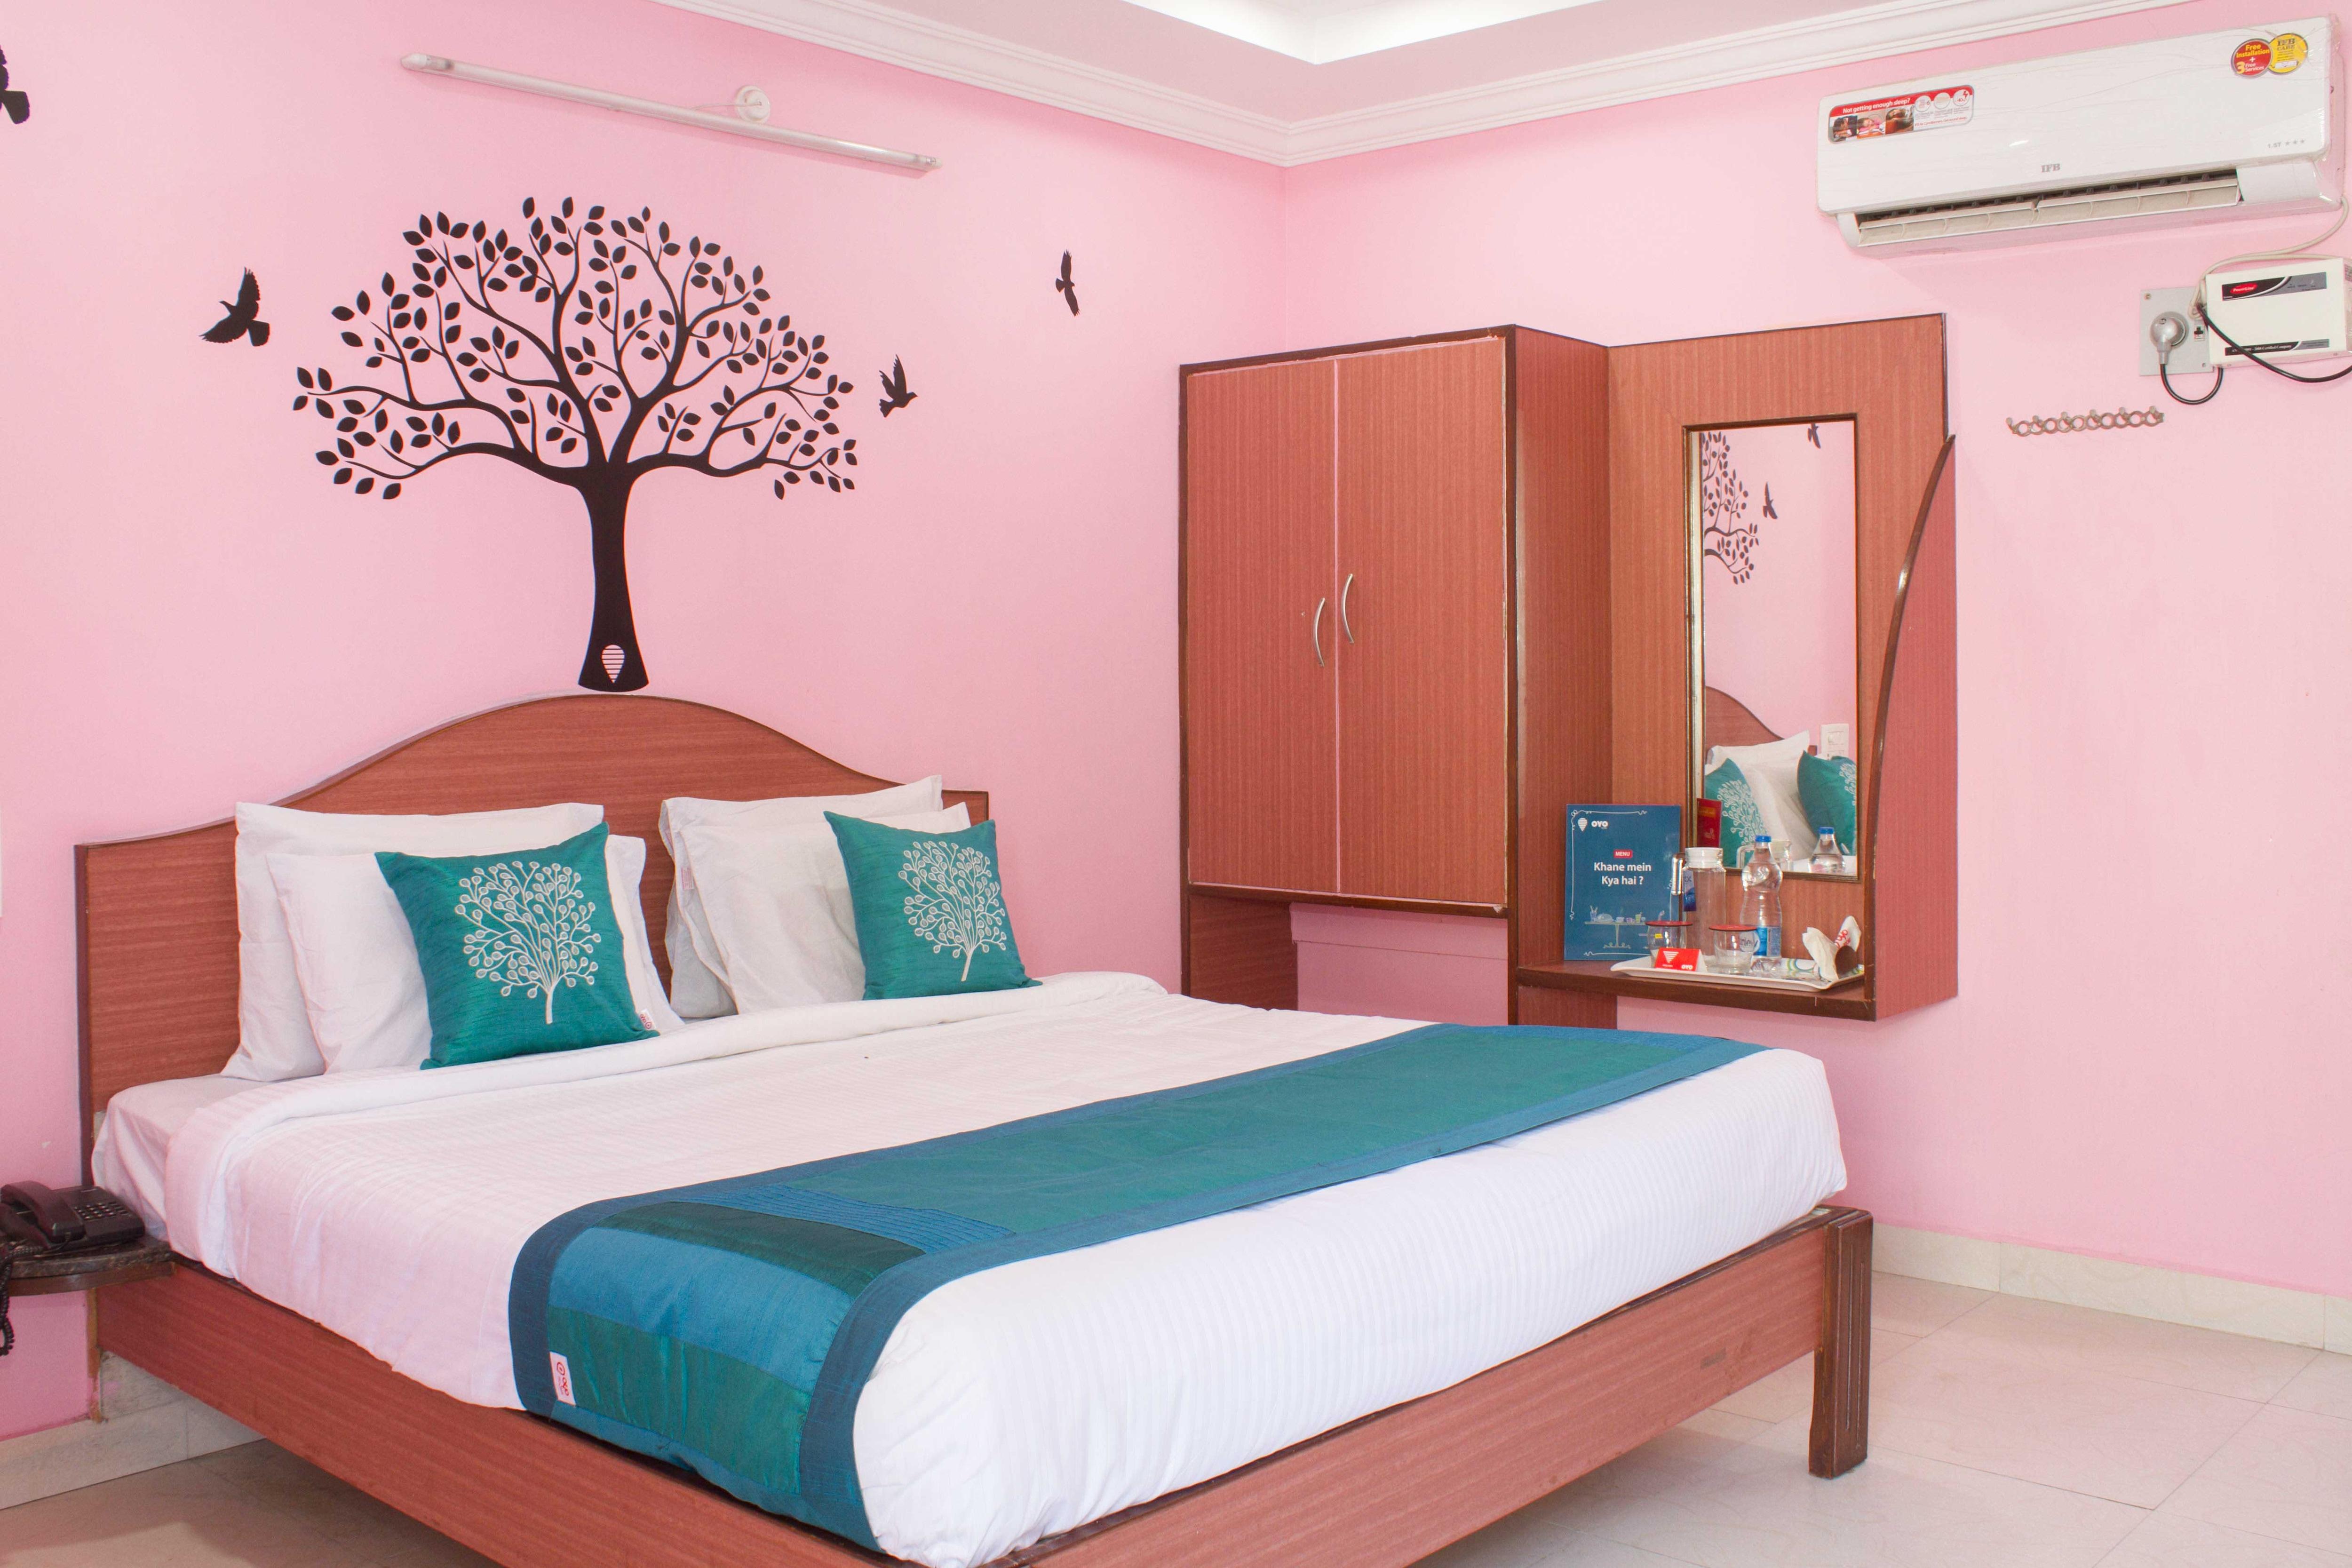 OYO 4674 Sujan Residency in Tirupati